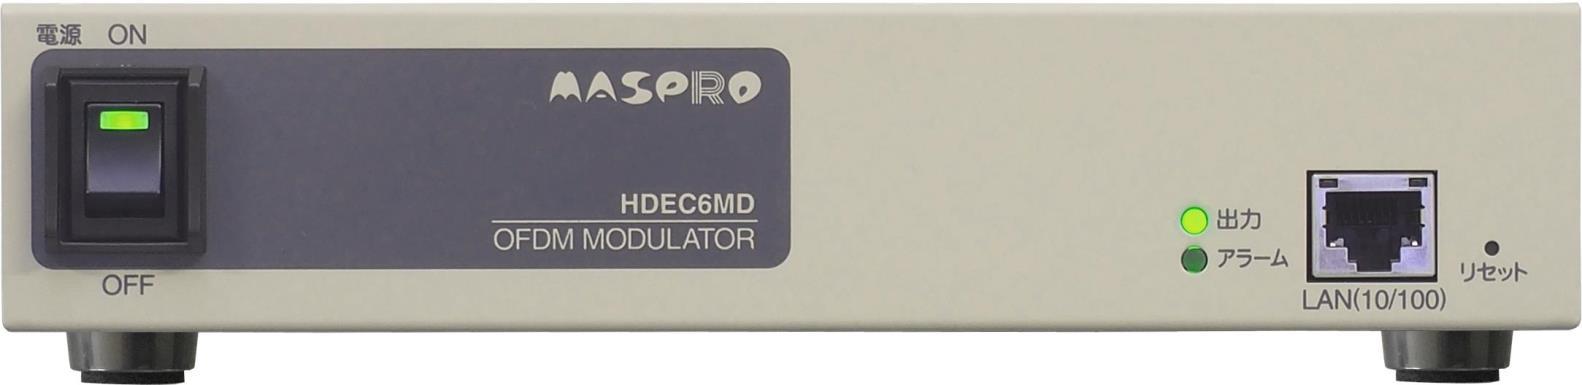 〔送料無料〕 マスプロ 館内OFDM自主放送システム HDMI専用 HDエンコーダー内蔵OFDM変調器 HDEC6MD (HDCP非対応)